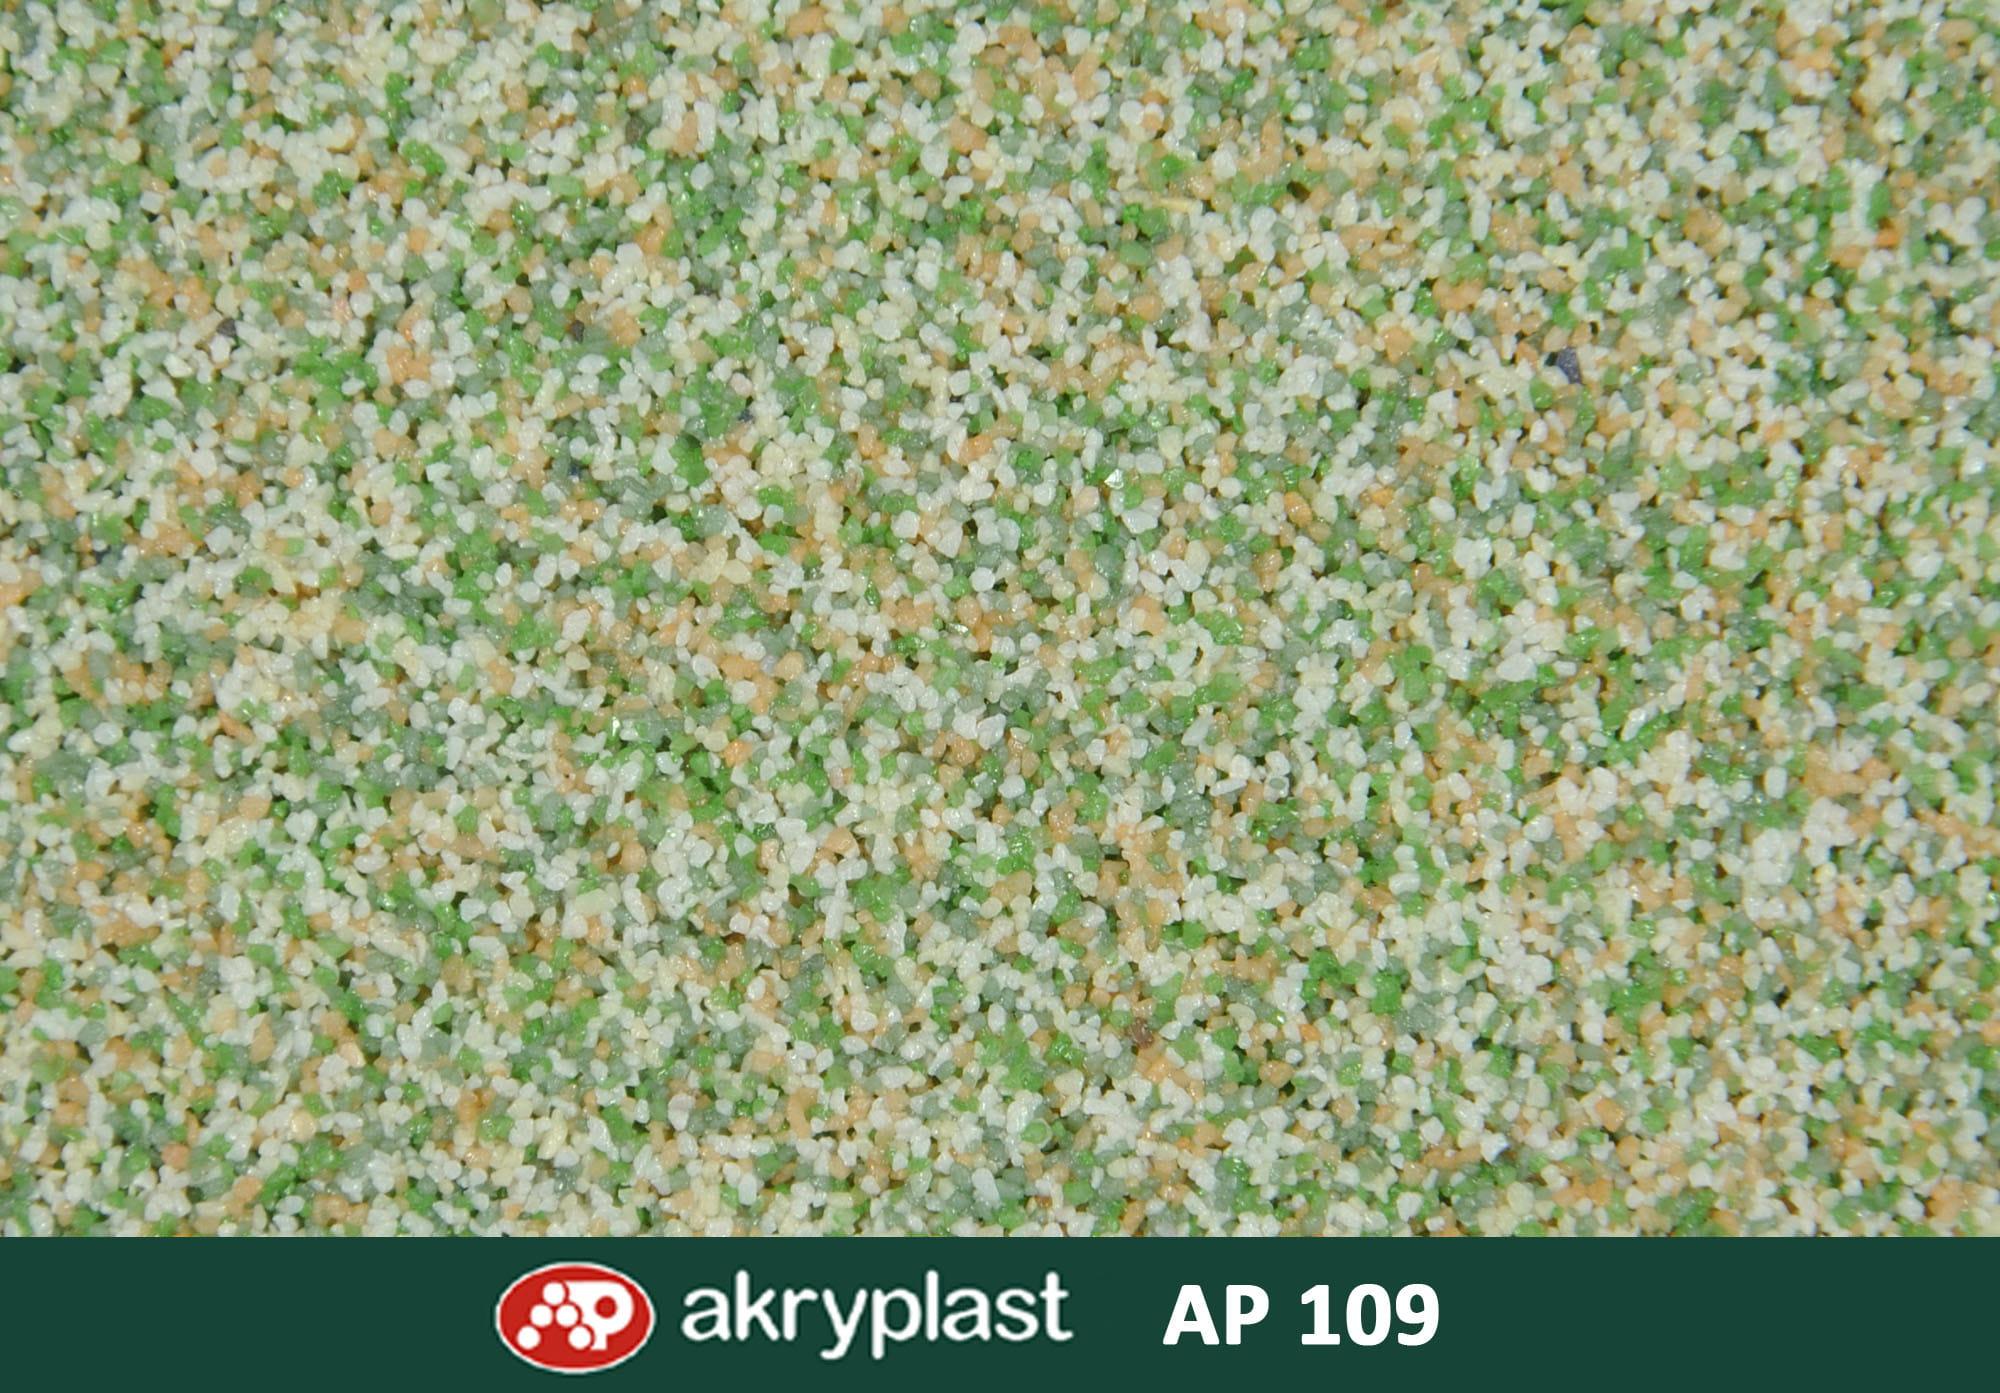 Tynk Mozaikowy Ap 109 Akryplast Producent Tynkow Mozaikowych